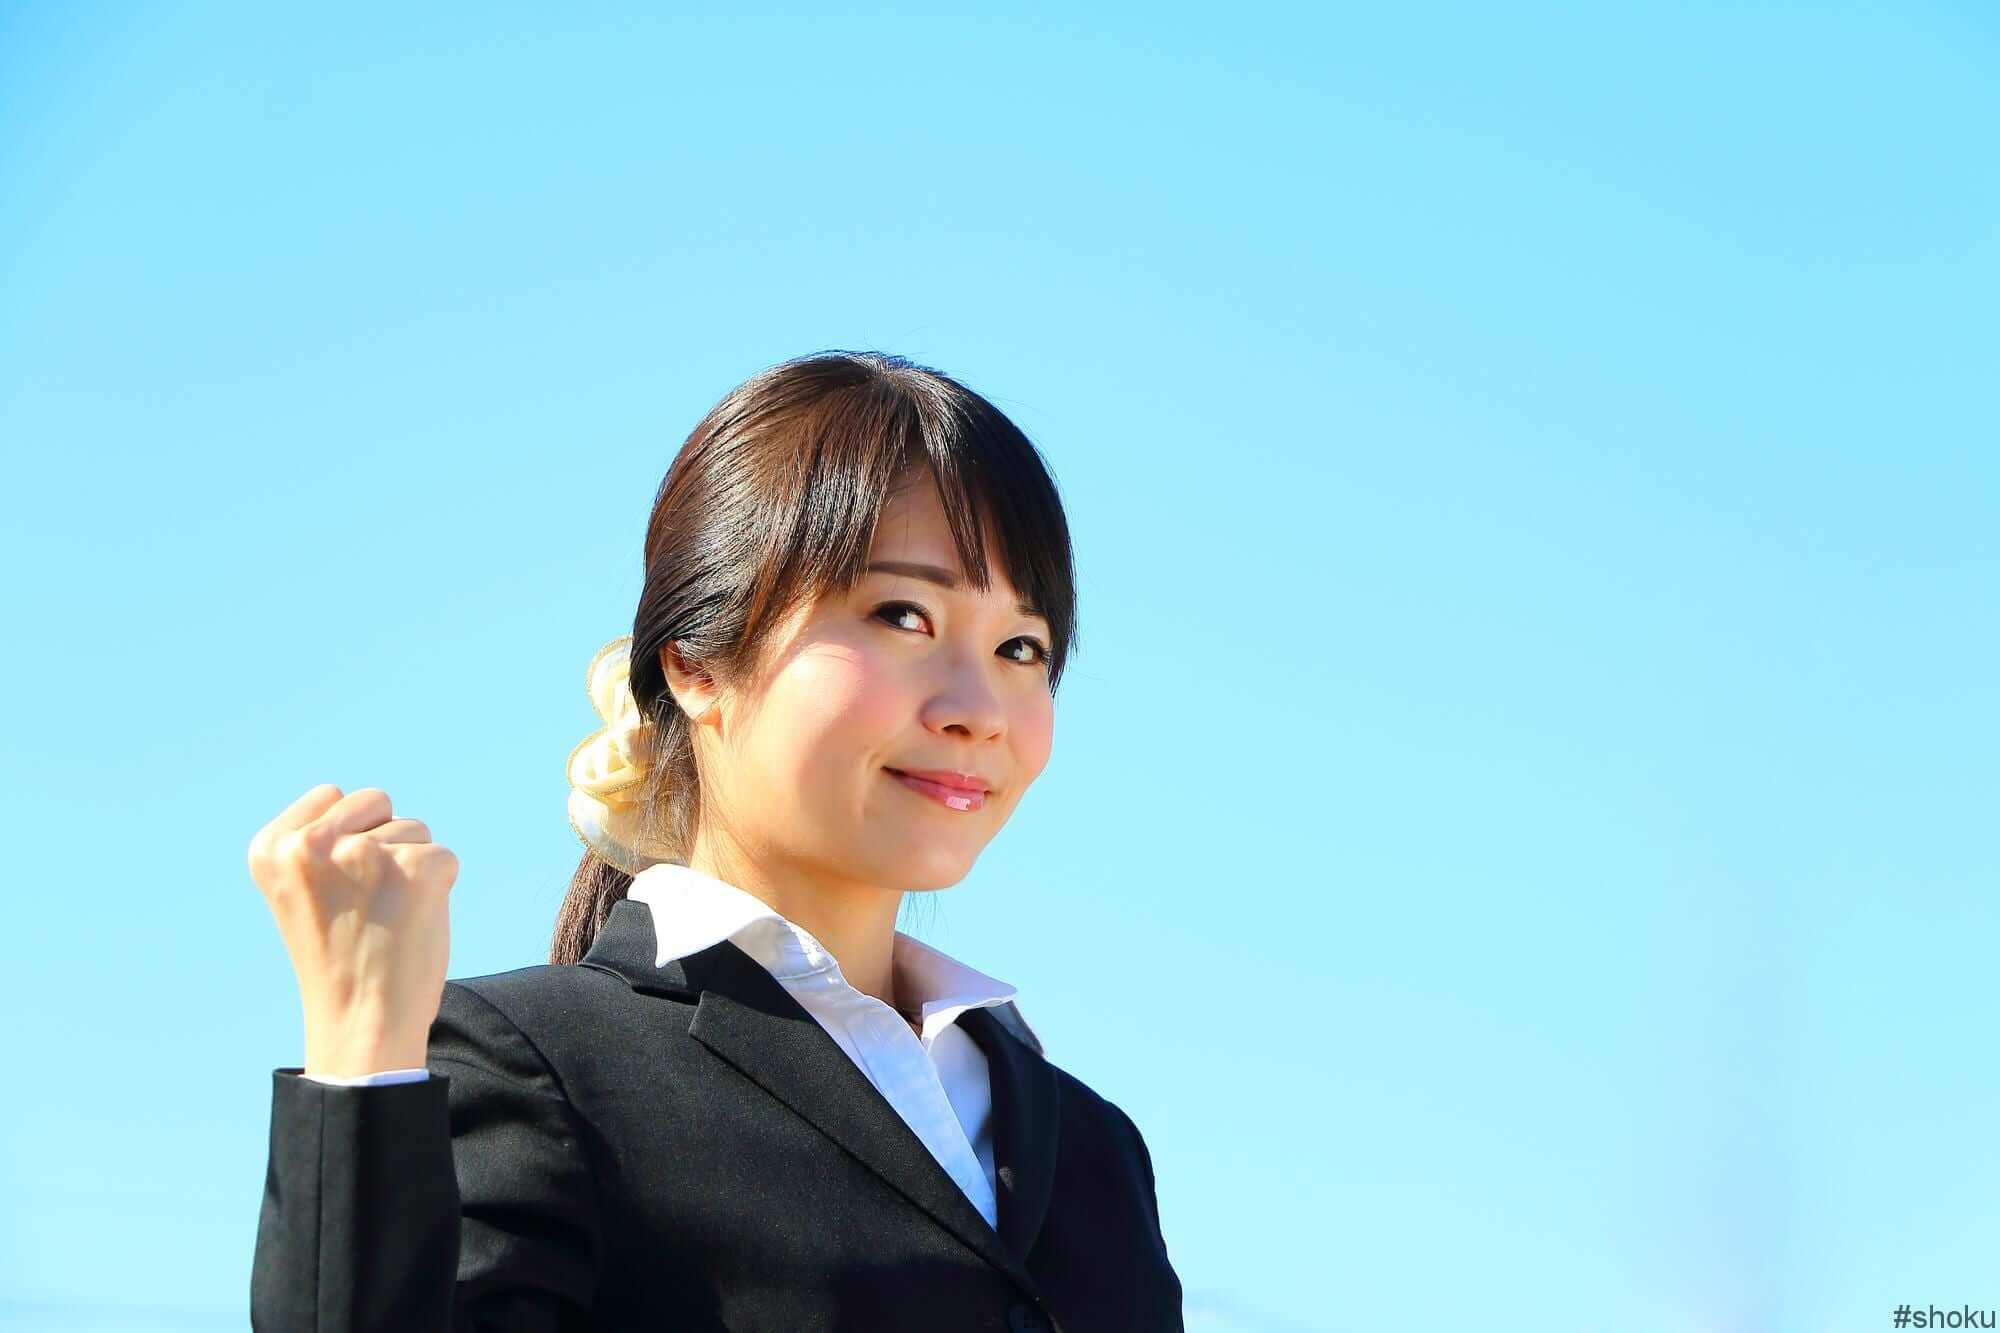 コールセンター業務をとおして、将来有望な仕事に就くための下準備しようと決意する女性